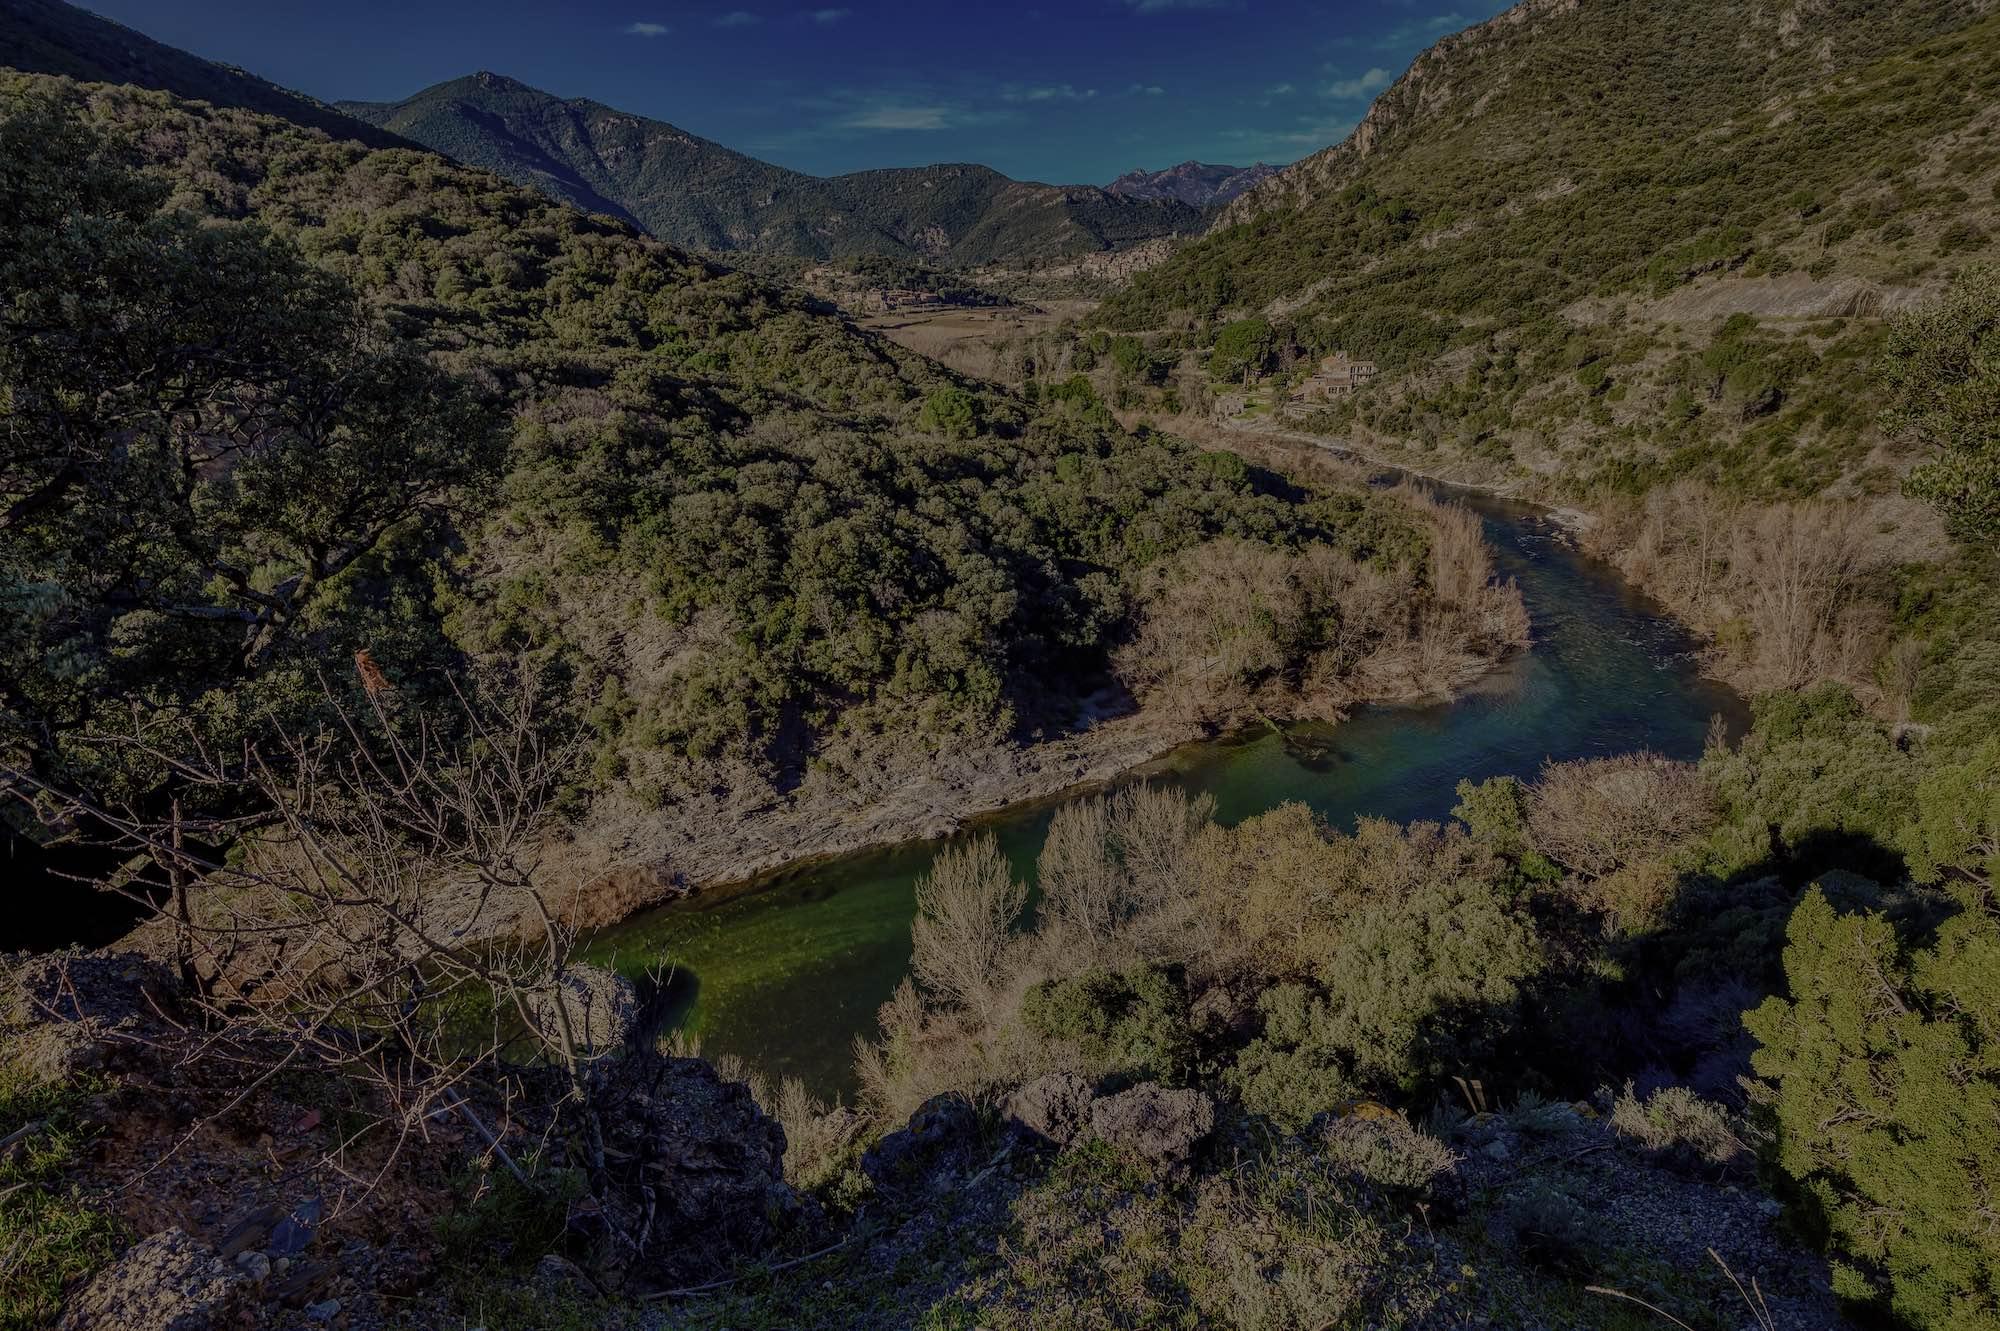 contempler le fleuve de la vie domaine de miravel jeuneetrandonnee - Domaine de Miravel